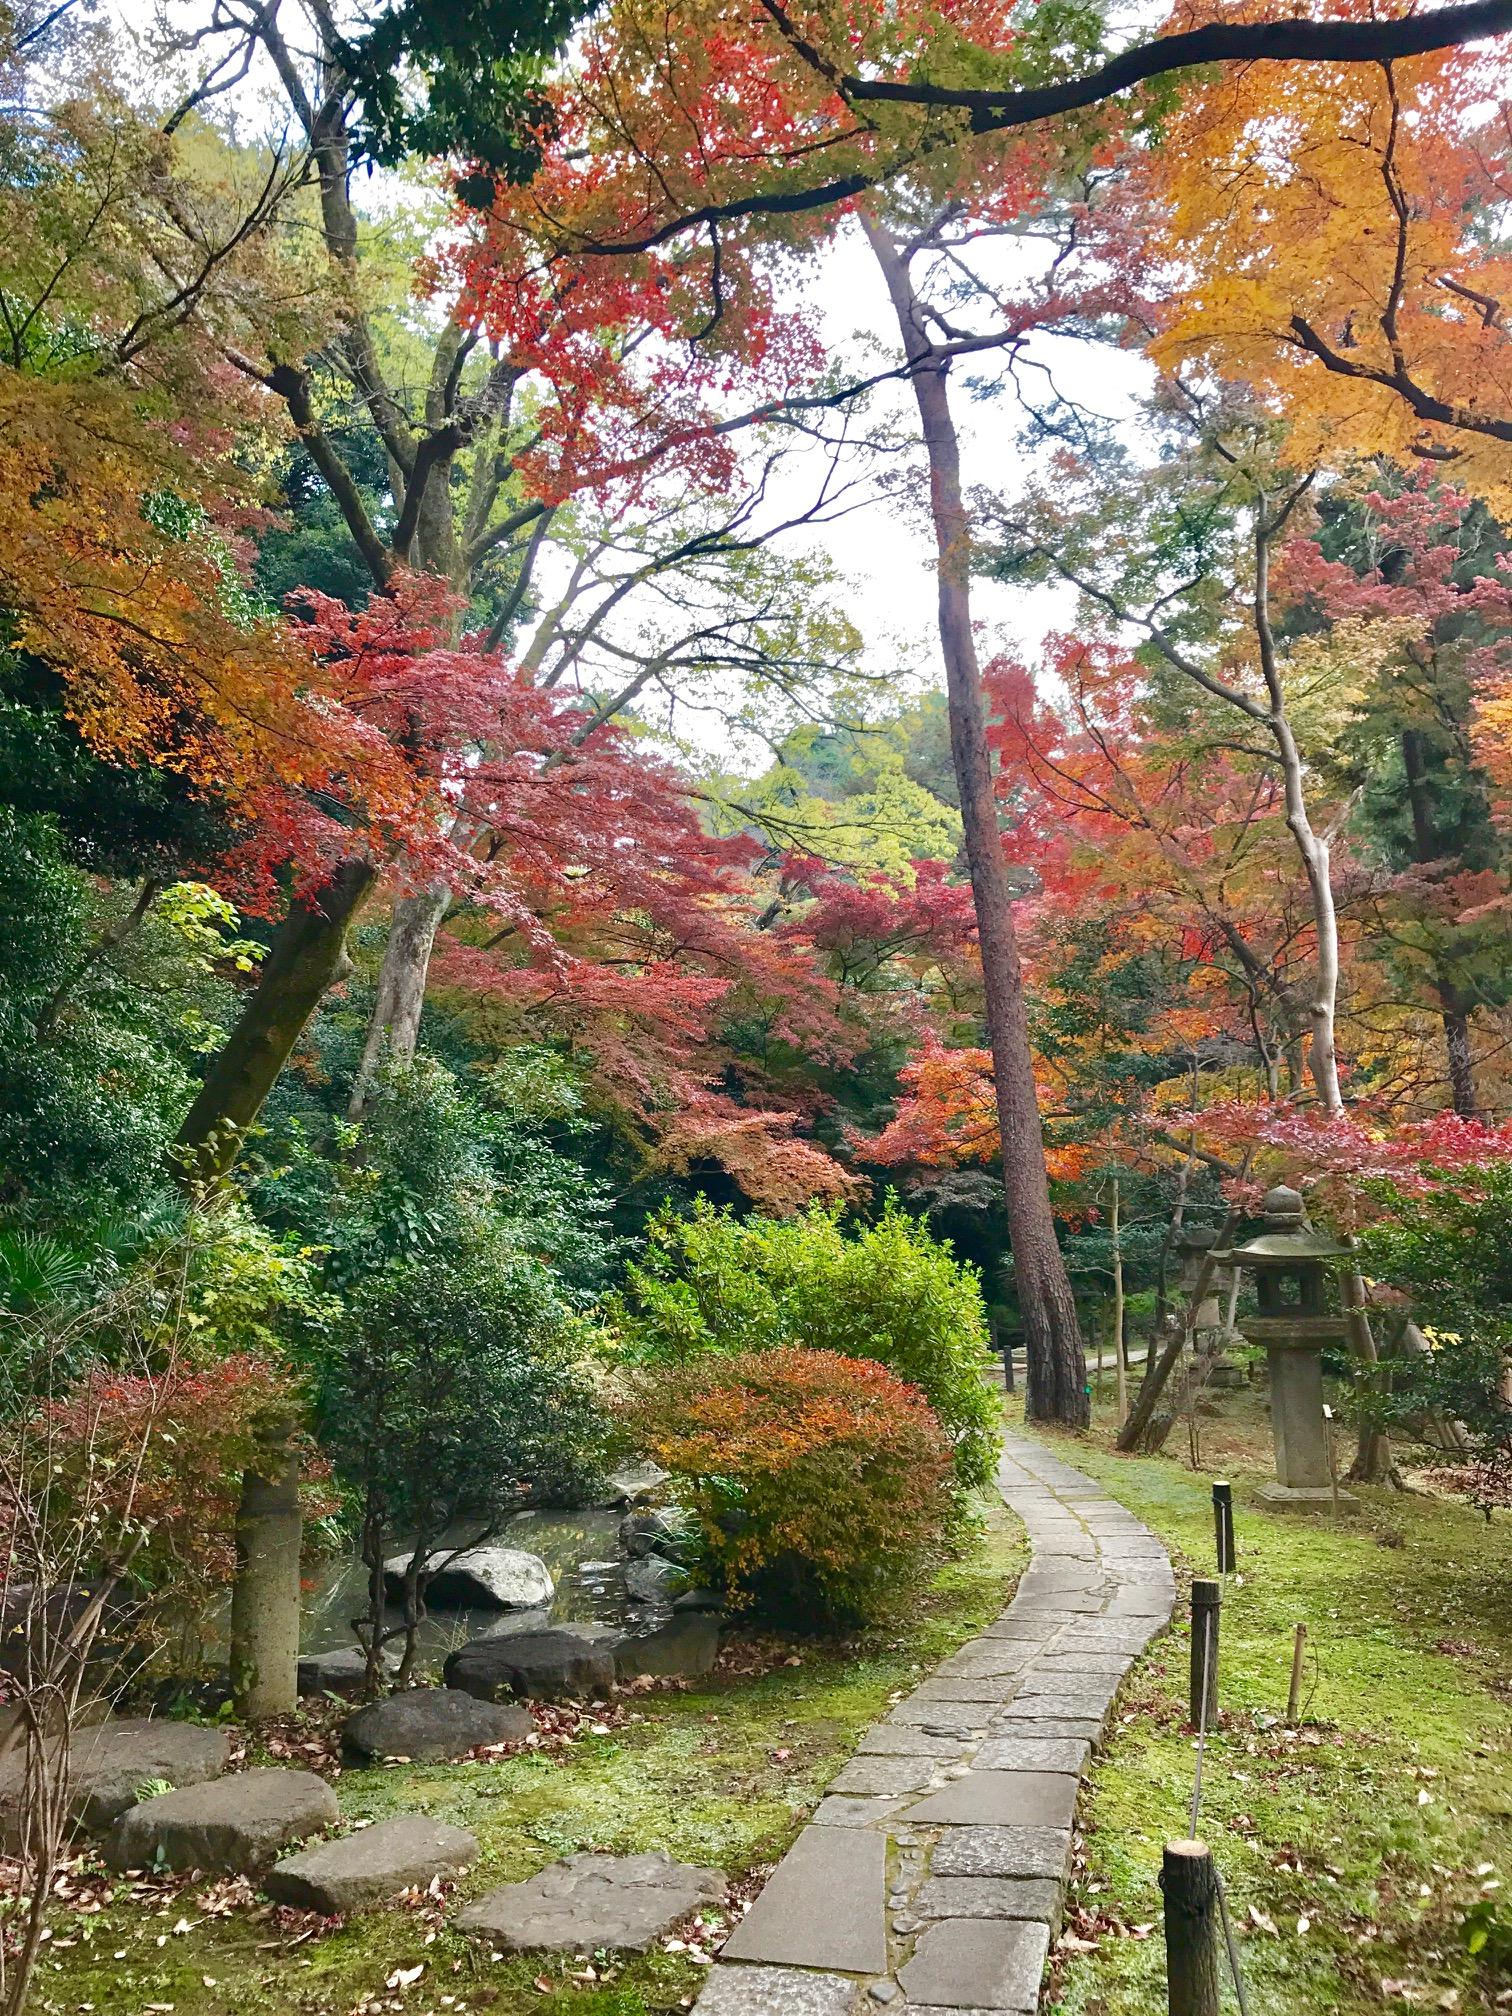 紅葉を愛でながら散策できる広い庭園です。